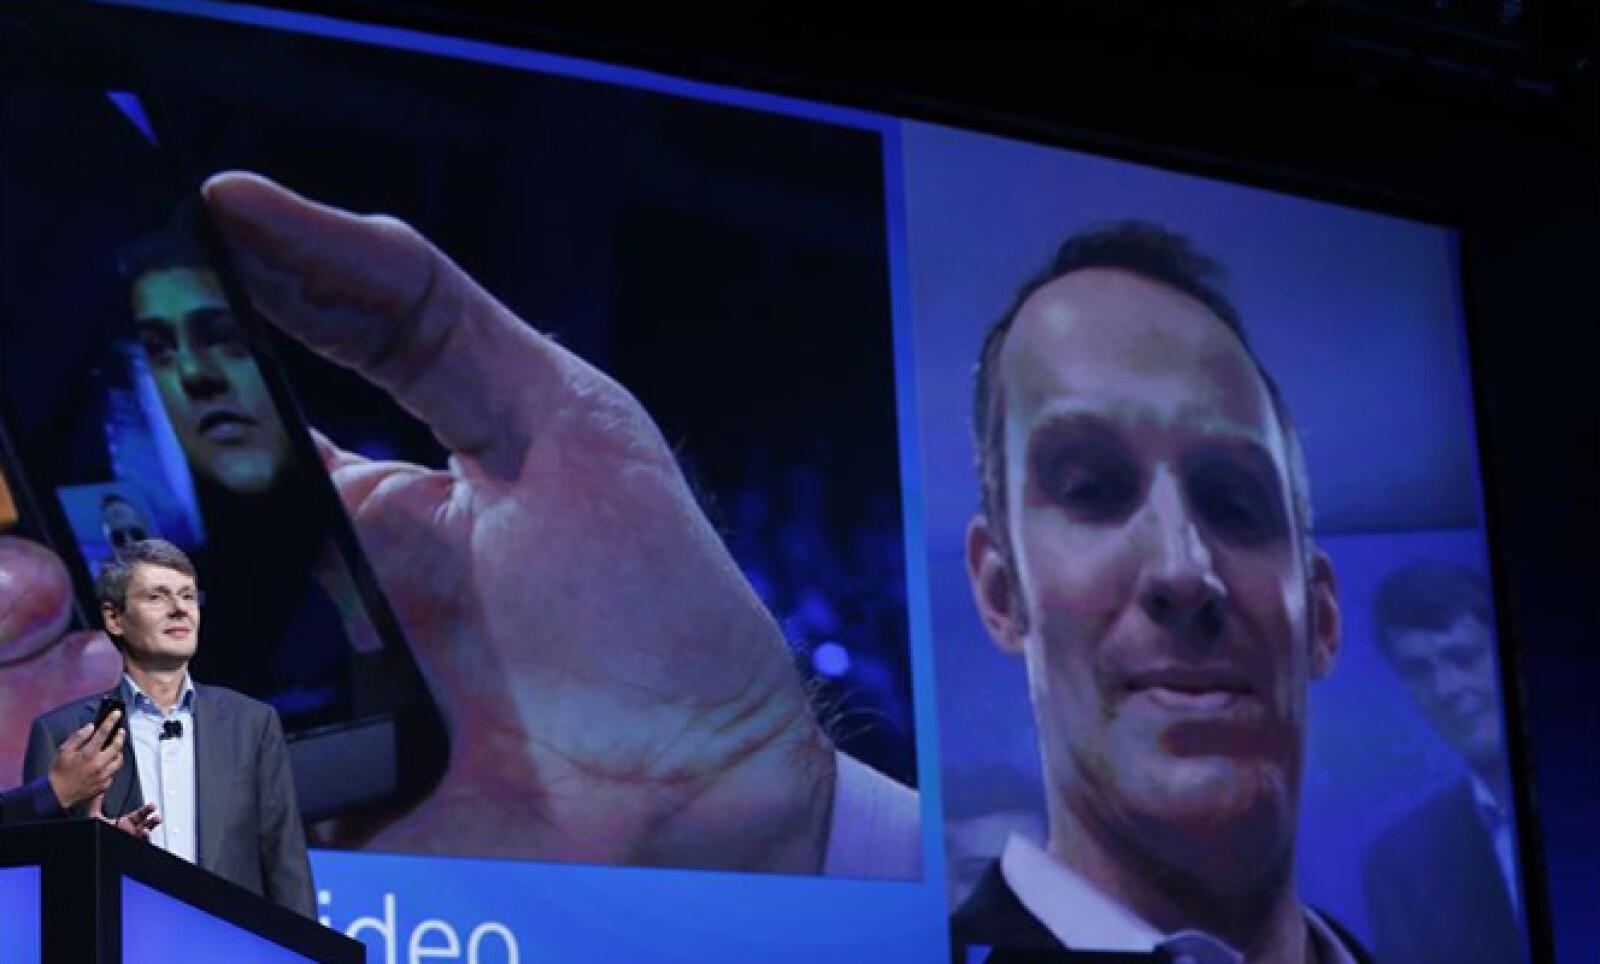 El BlackBerry Messenger tendrá videollamadas y permitirá controlar o ver la pantalla desde otro aparato con el sistema BlackBerry 10.